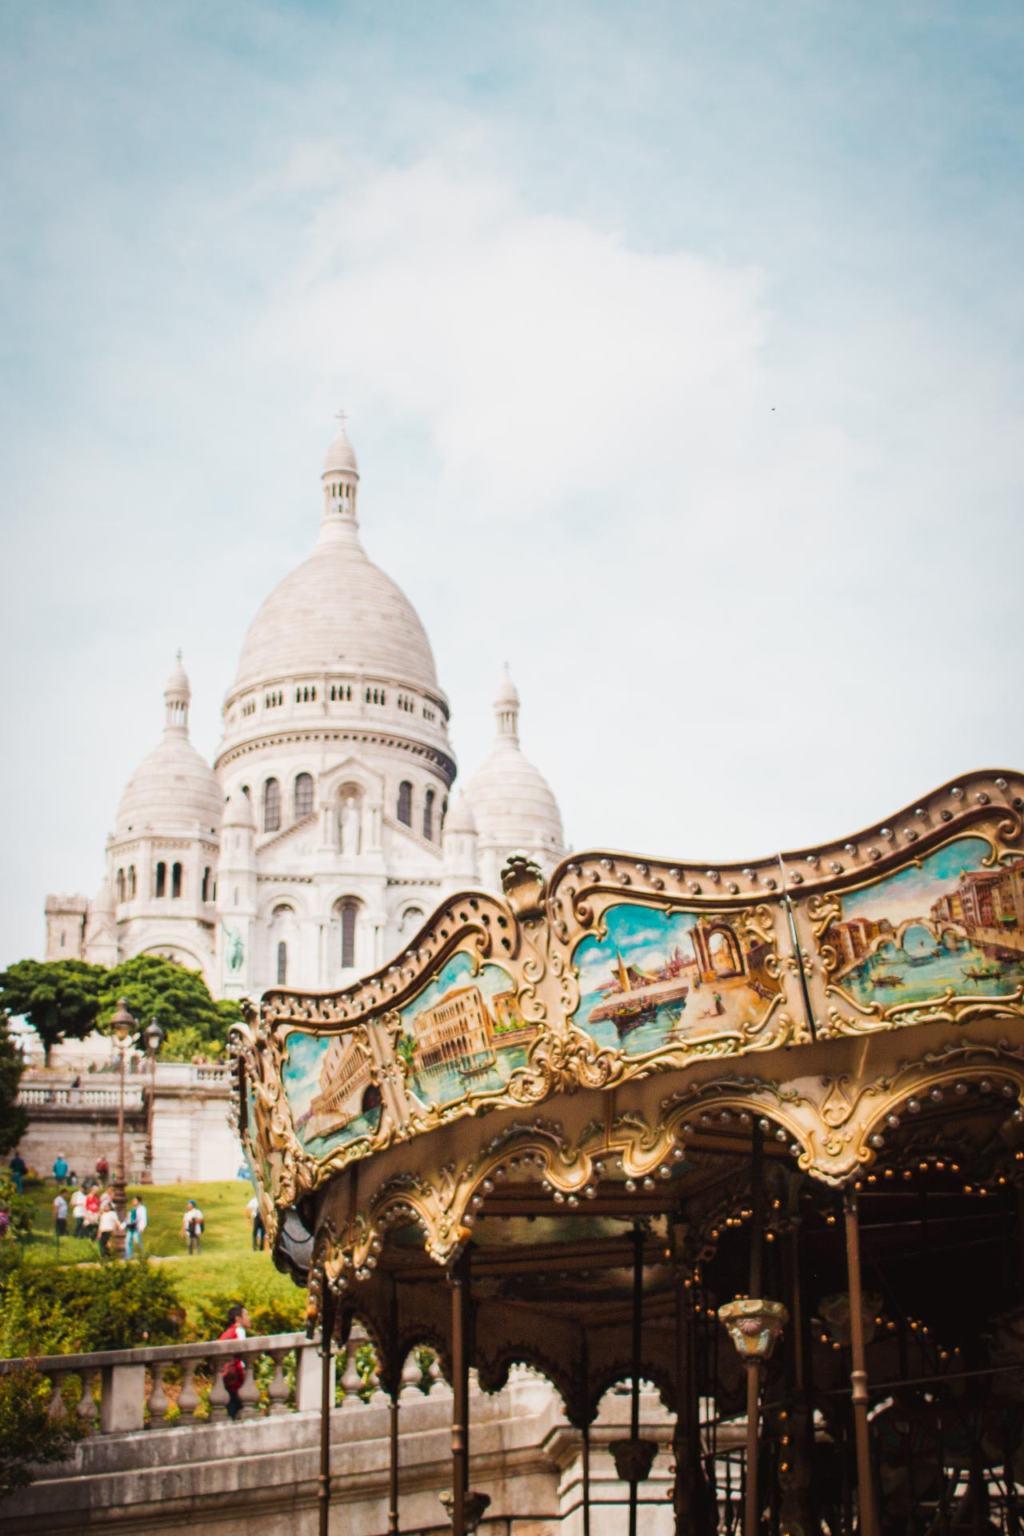 Paris Carousel Sacre Coeur, Montmartre